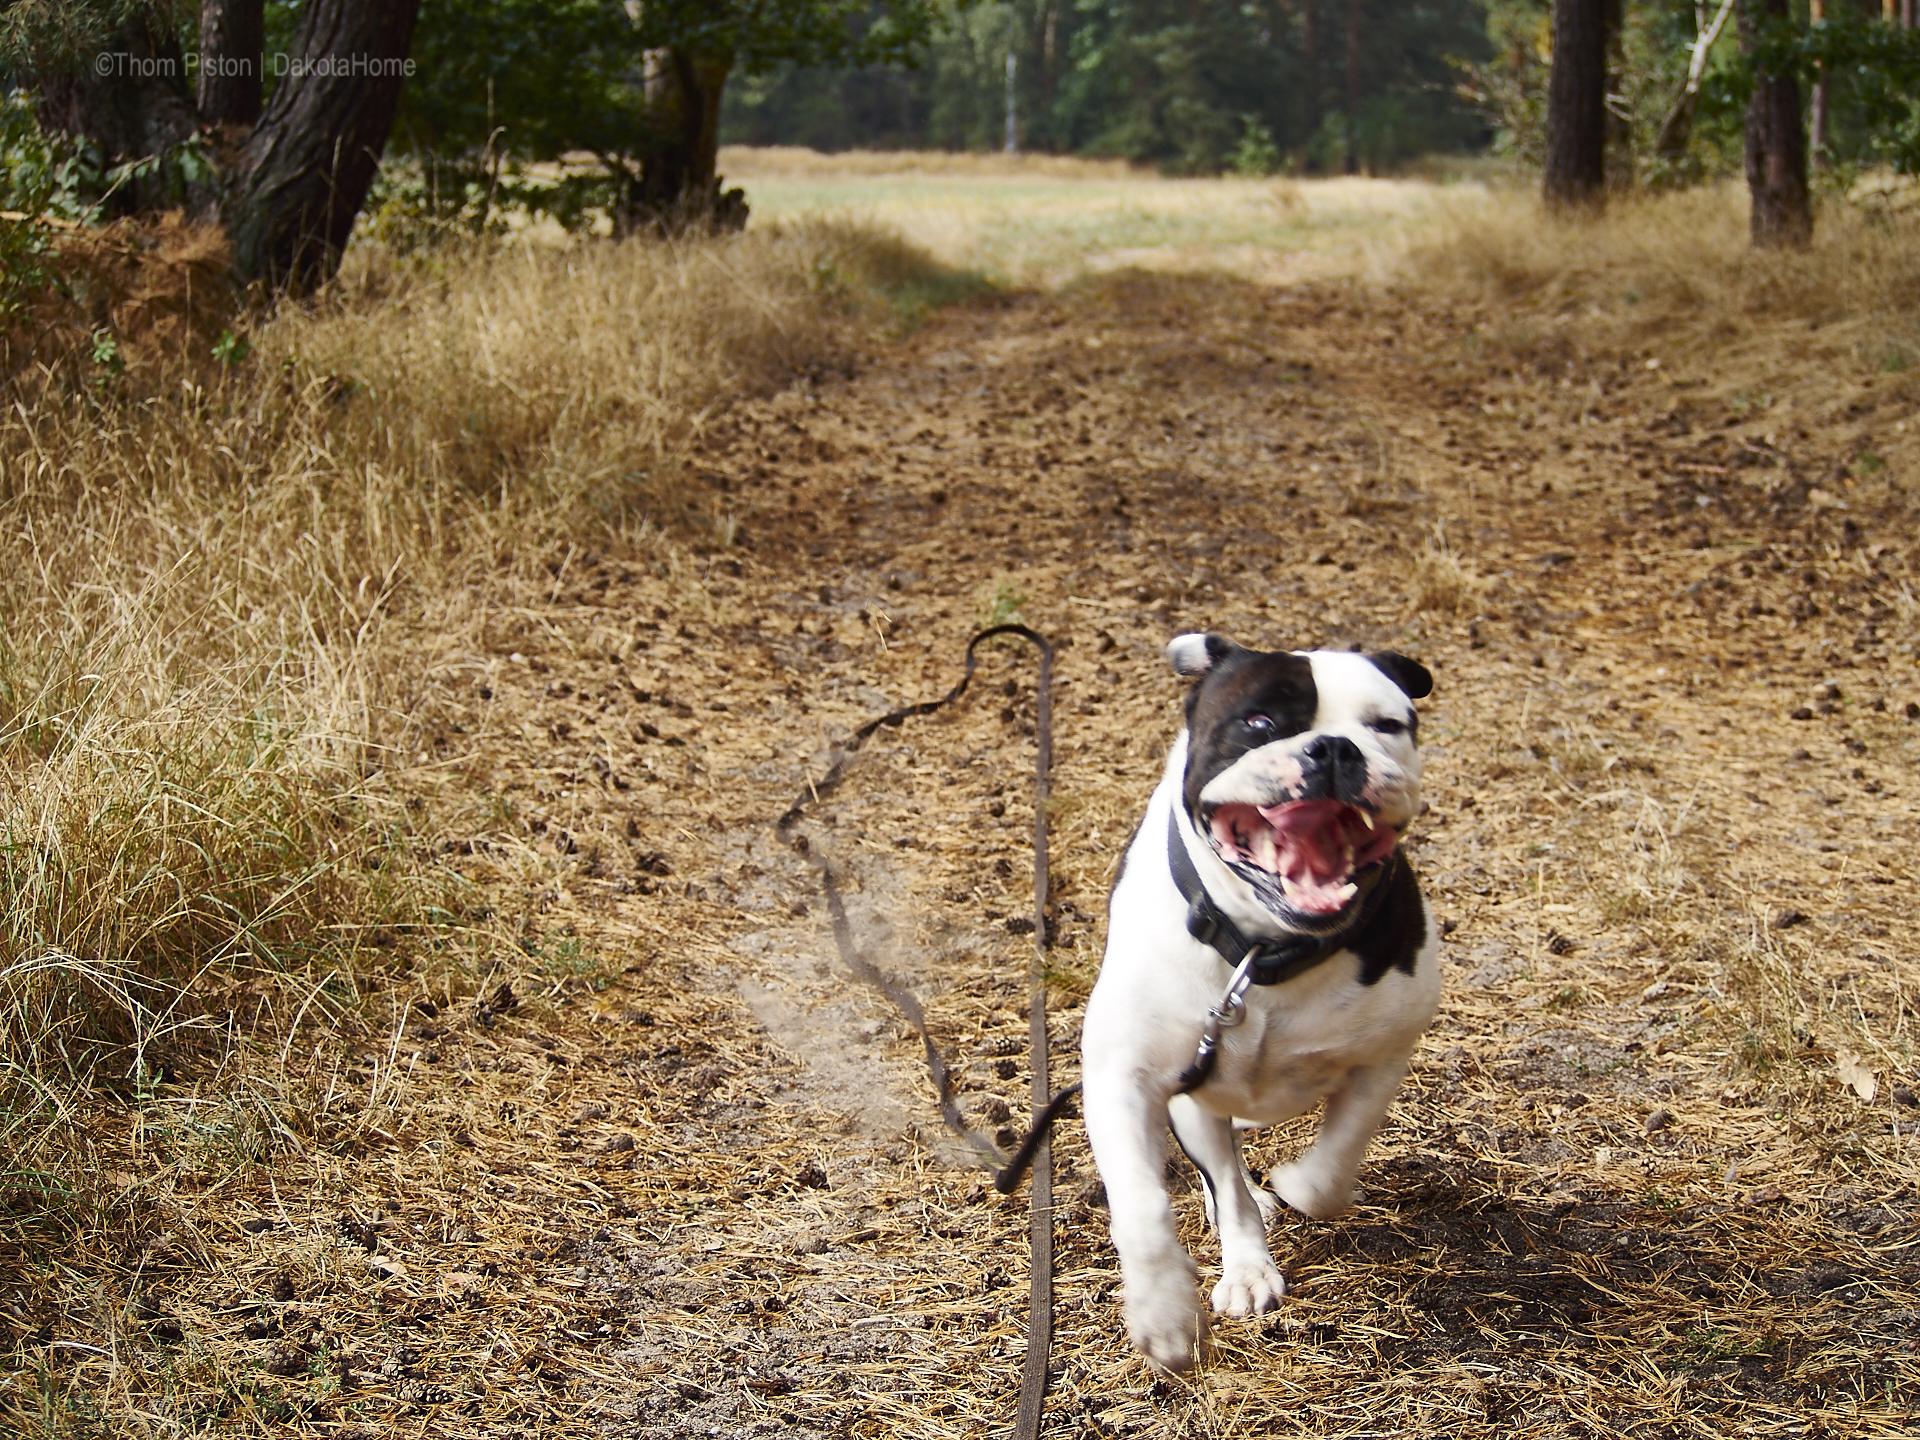 ...wenn man morgens döst und die bulldogge so ankommen sieht hat man 2 möglichkeiten...entwerder man lässt die leine los oder man wird wachgerüttelt...